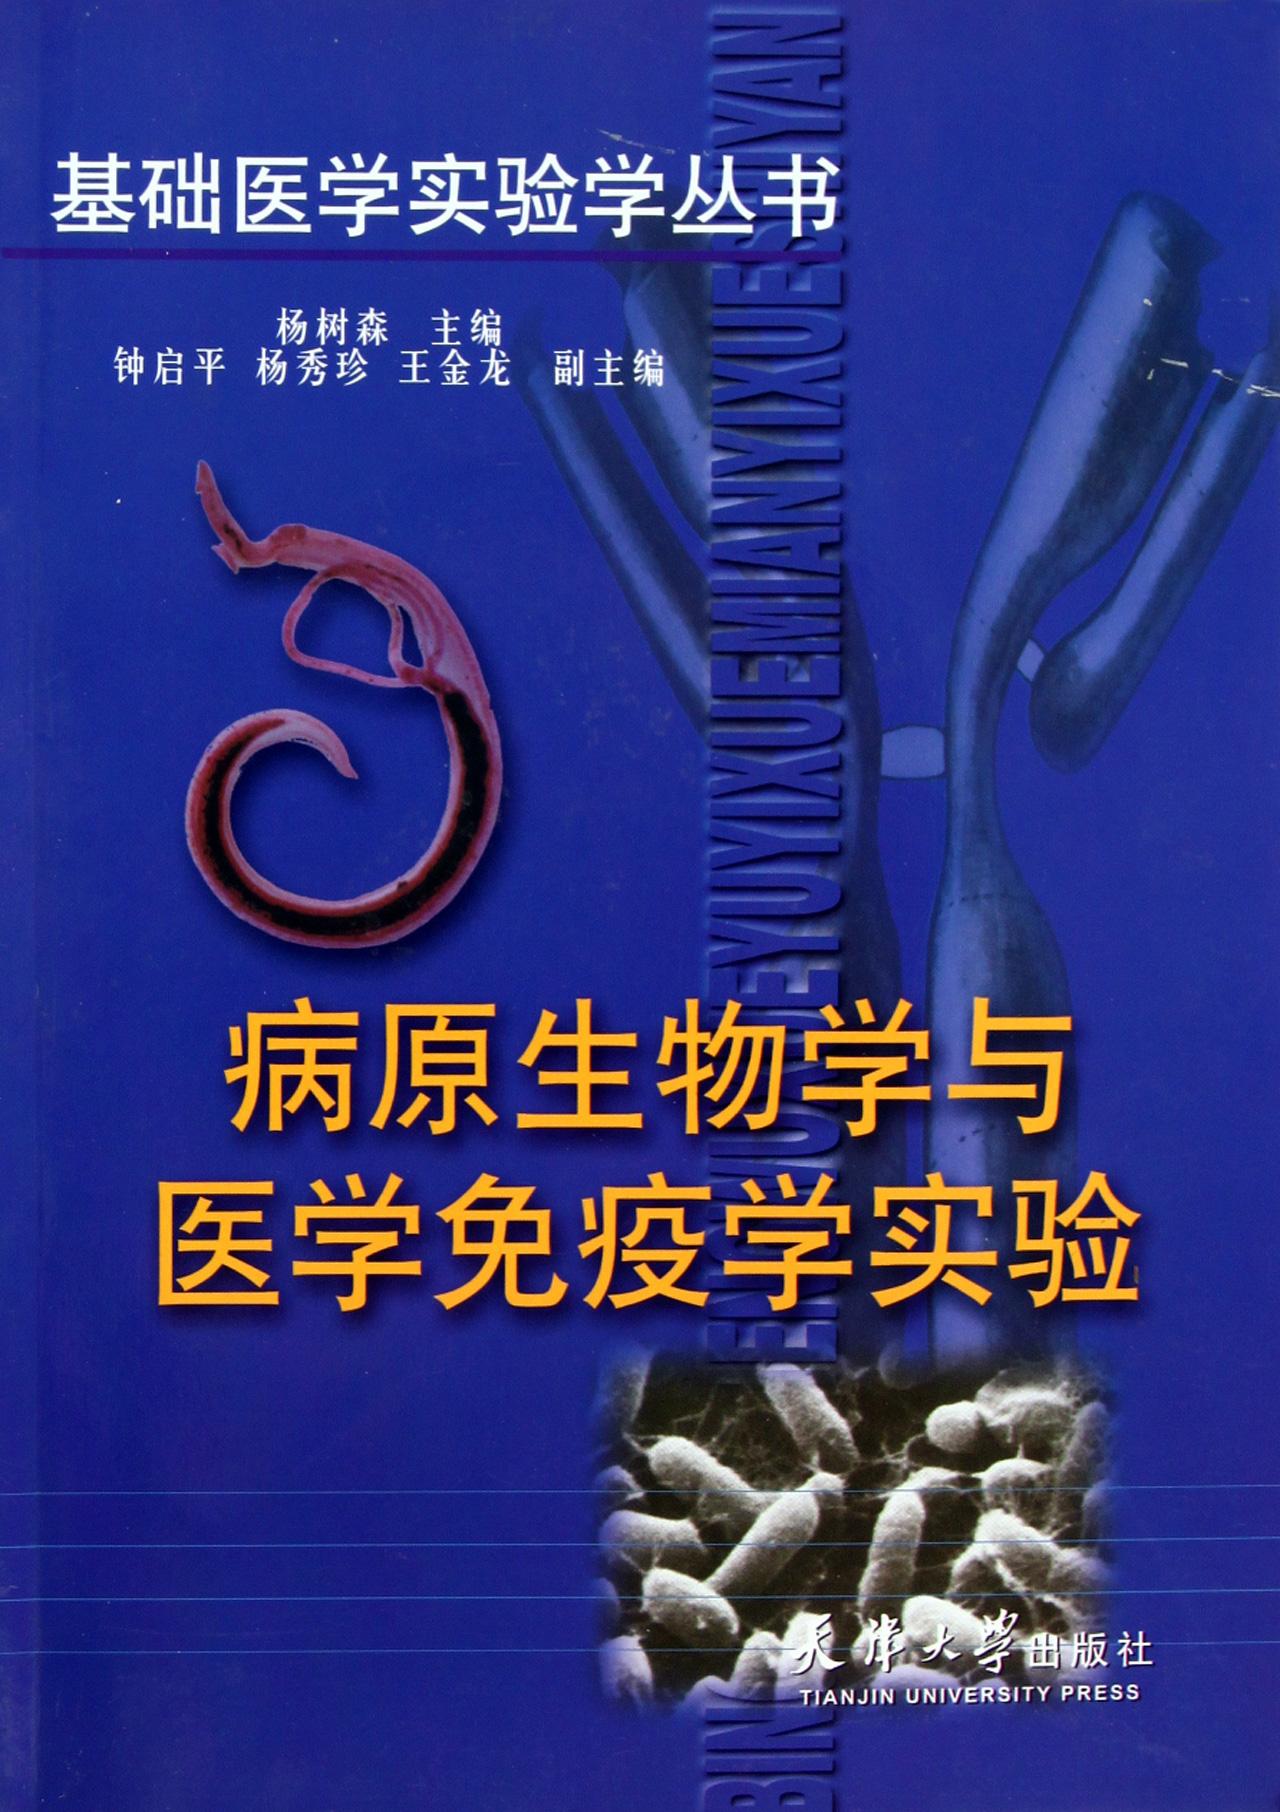 医学免疫学精品课_江苏大学2006年医学免疫学专业课考研真题试